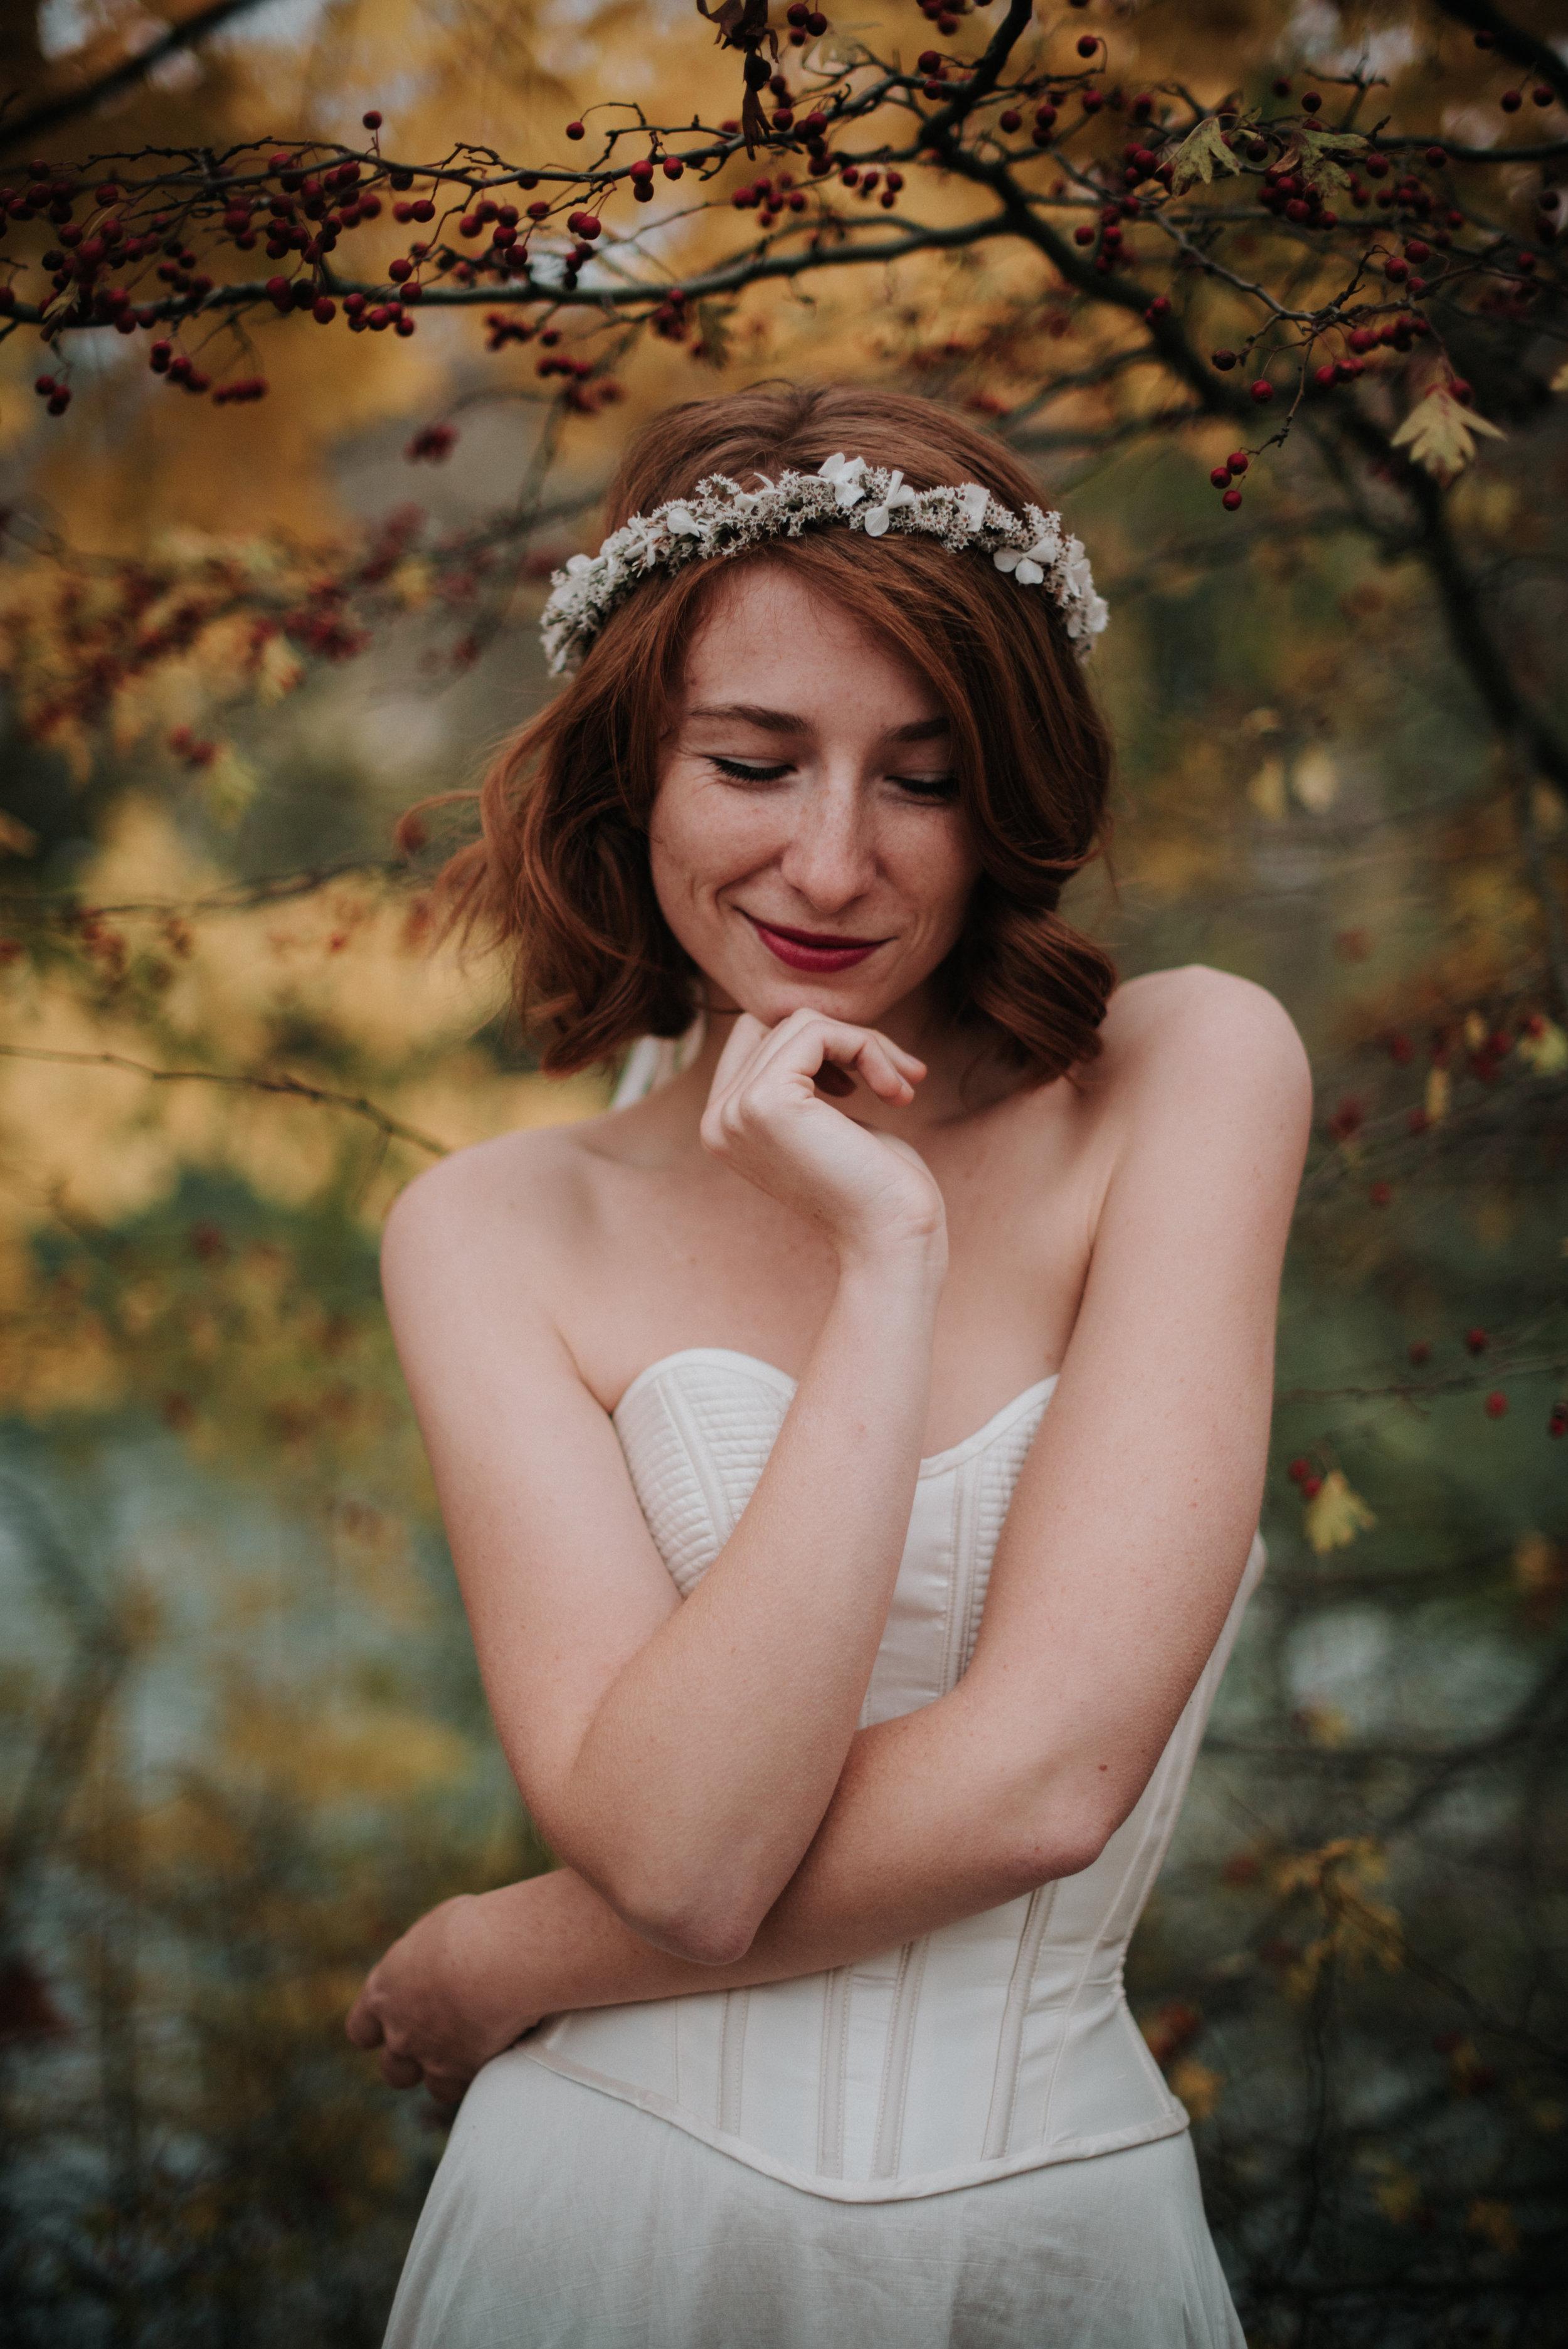 Léa-Fery-photographe-professionnel-lyon-rhone-alpes-portrait-creation-mariage-evenement-evenementiel-famille-6372-2.jpg